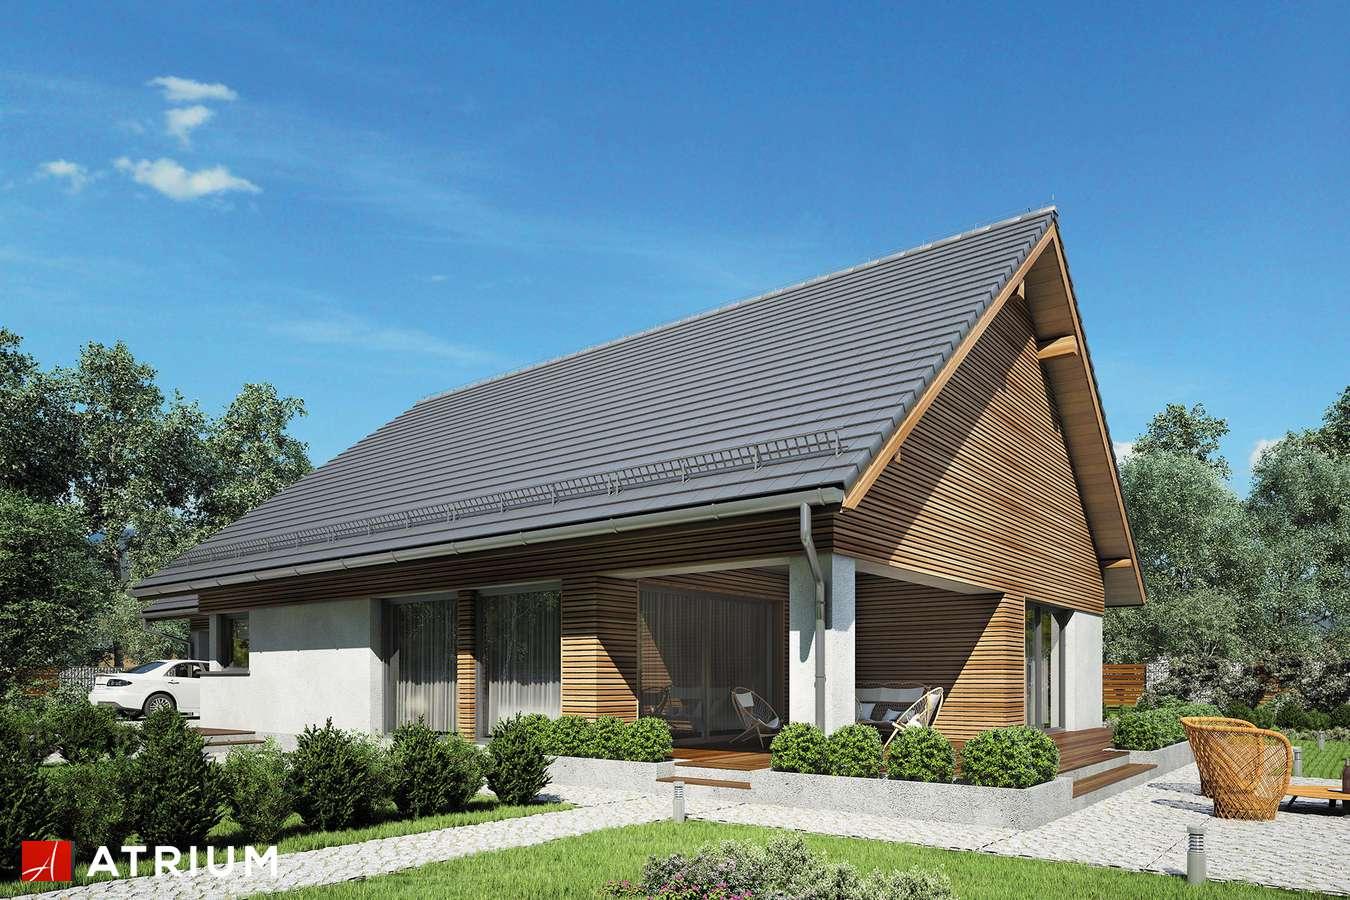 Projekty domów - Projekt domu parterowego MERLIN SP SZ - wizualizacja 2 - wersja lustrzana